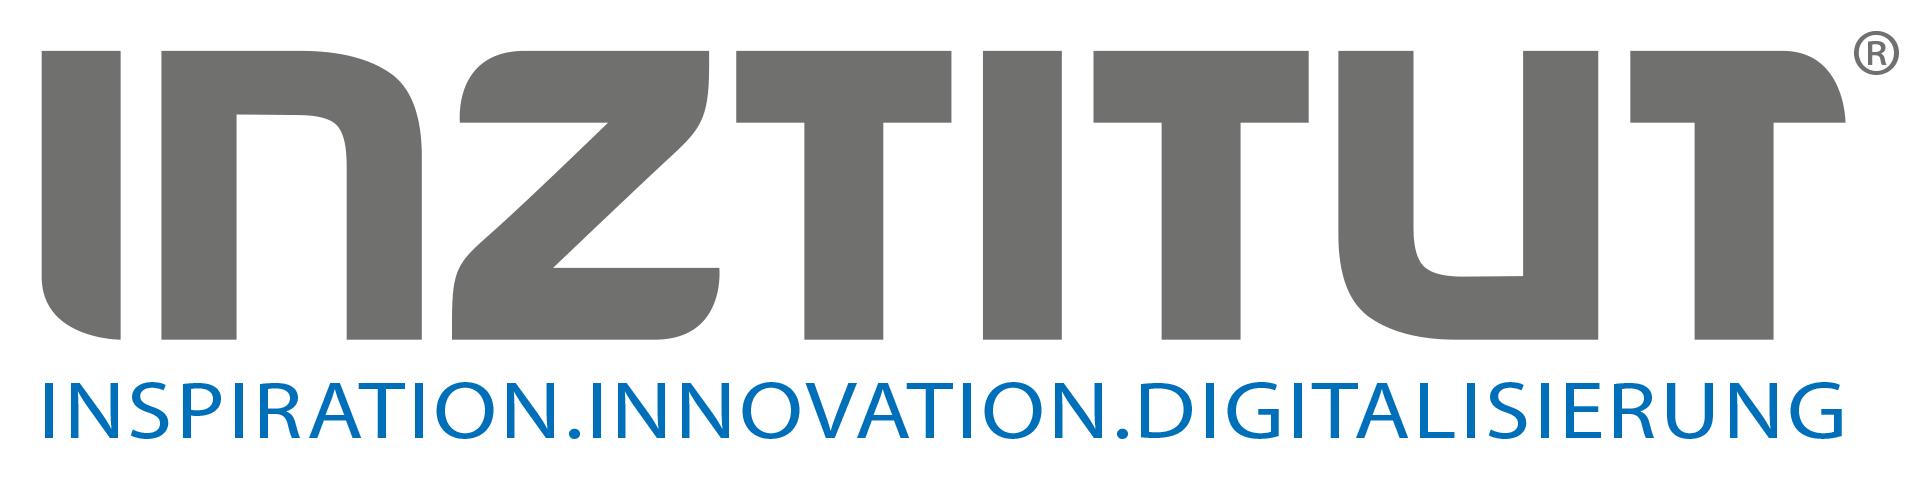 INZTITUT GmbH - INSPIRATION.INNOVATION.DIGITALISIERUNG